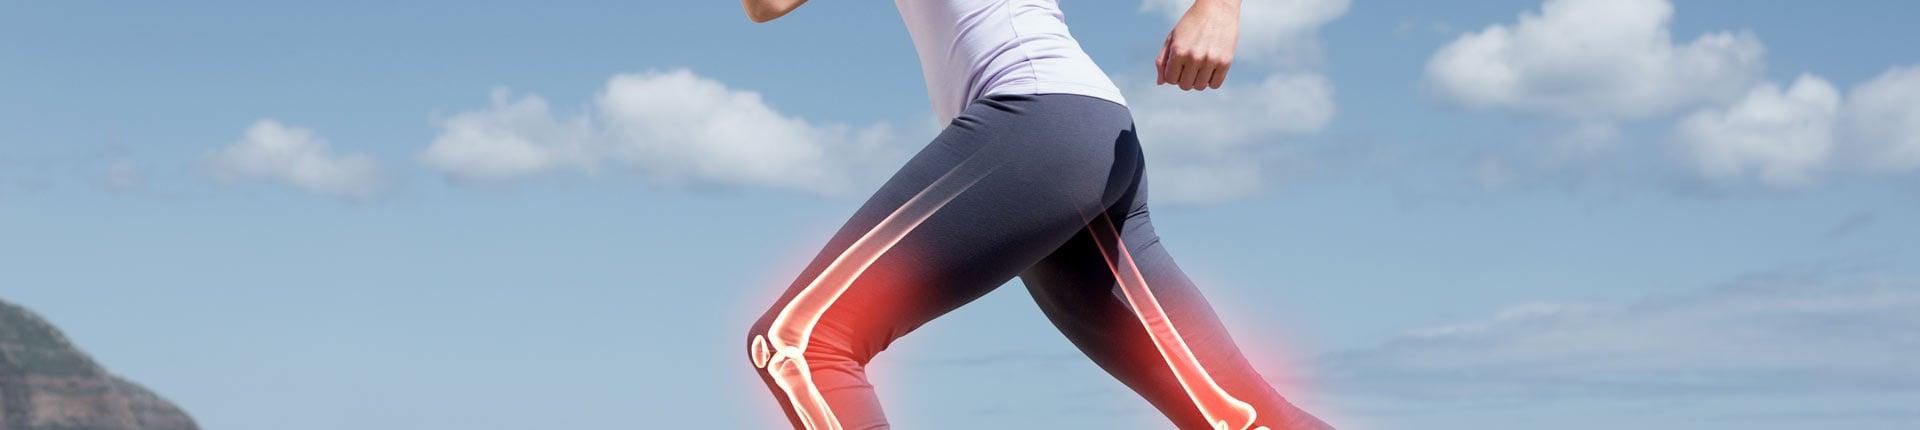 Czy grozi Ci osteoporoza? Wpływ białka na zdrowe kości